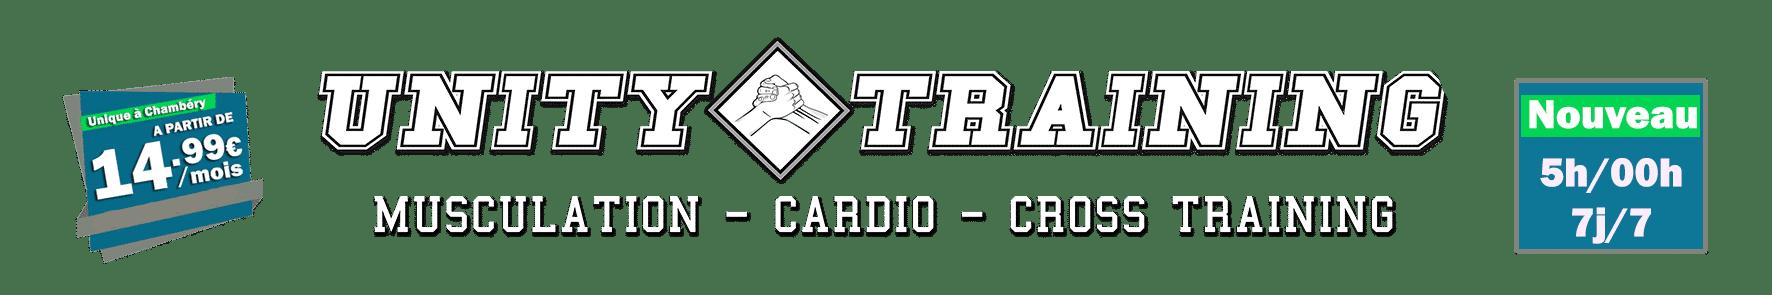 Salle de sport et d'entraînement à Chambéry - Unity Training